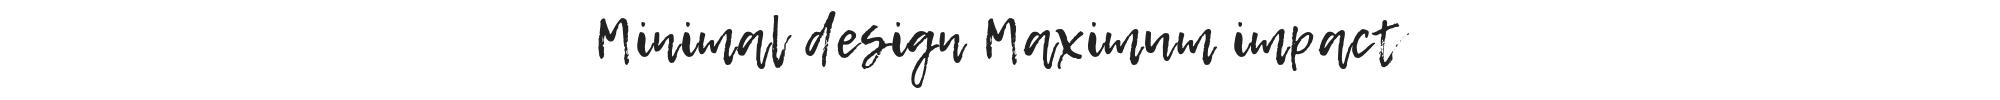 minimal design maximum impact (7).png